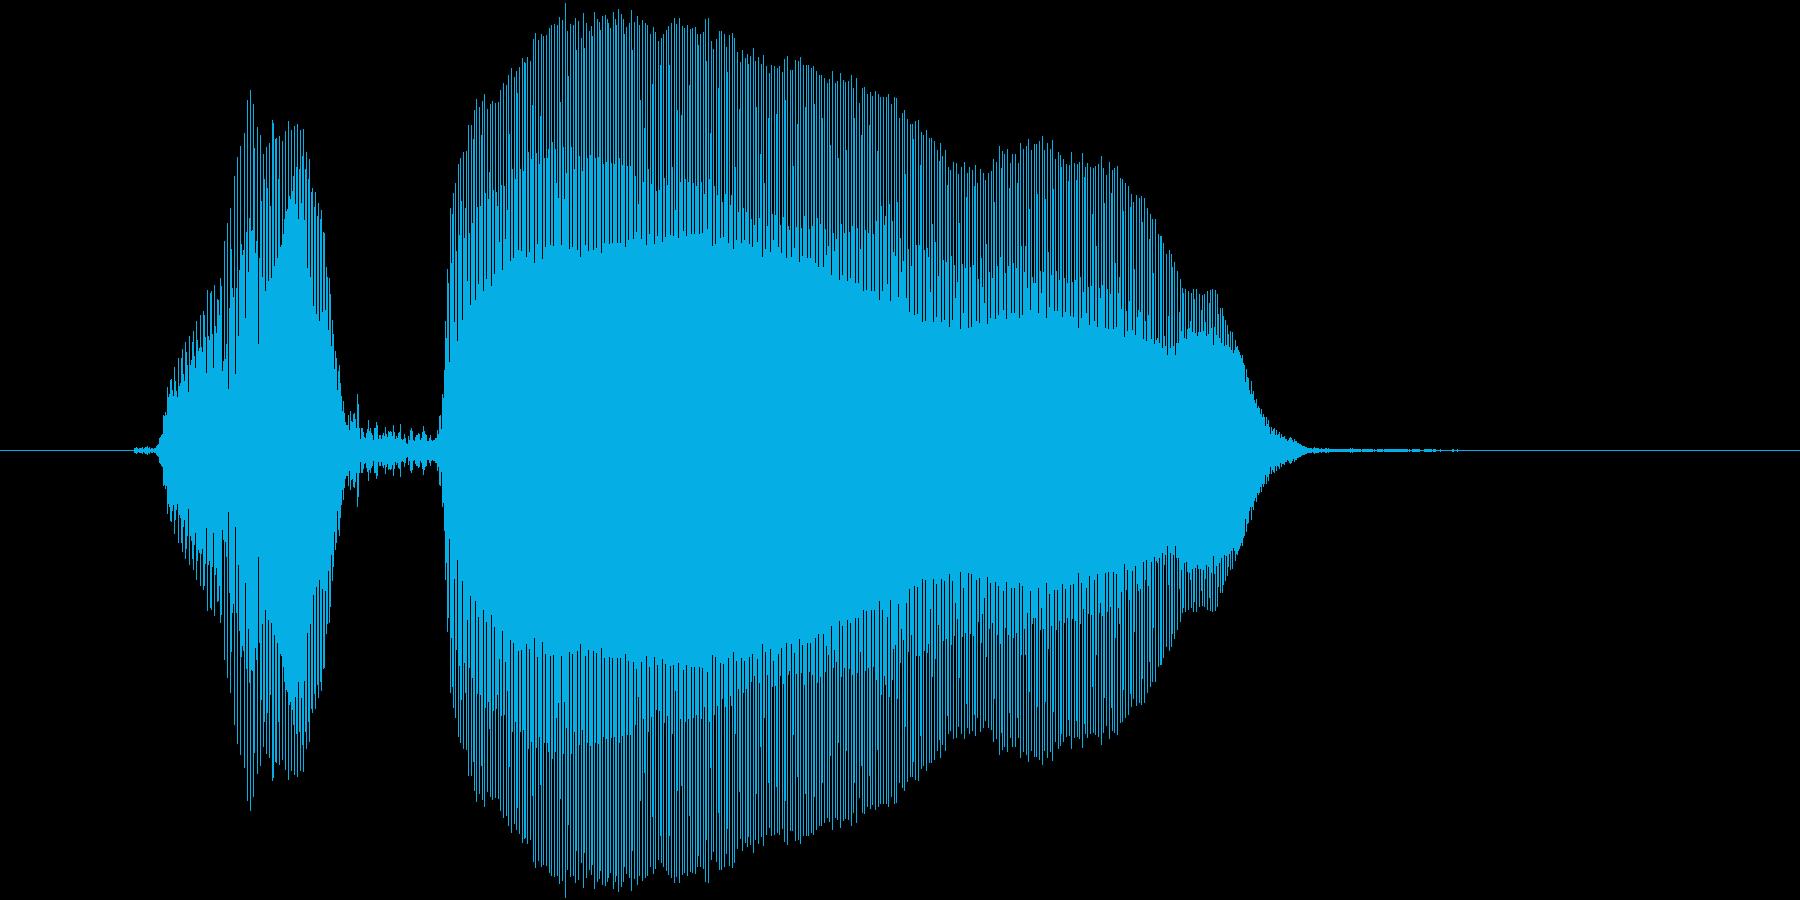 「のほーん」の再生済みの波形